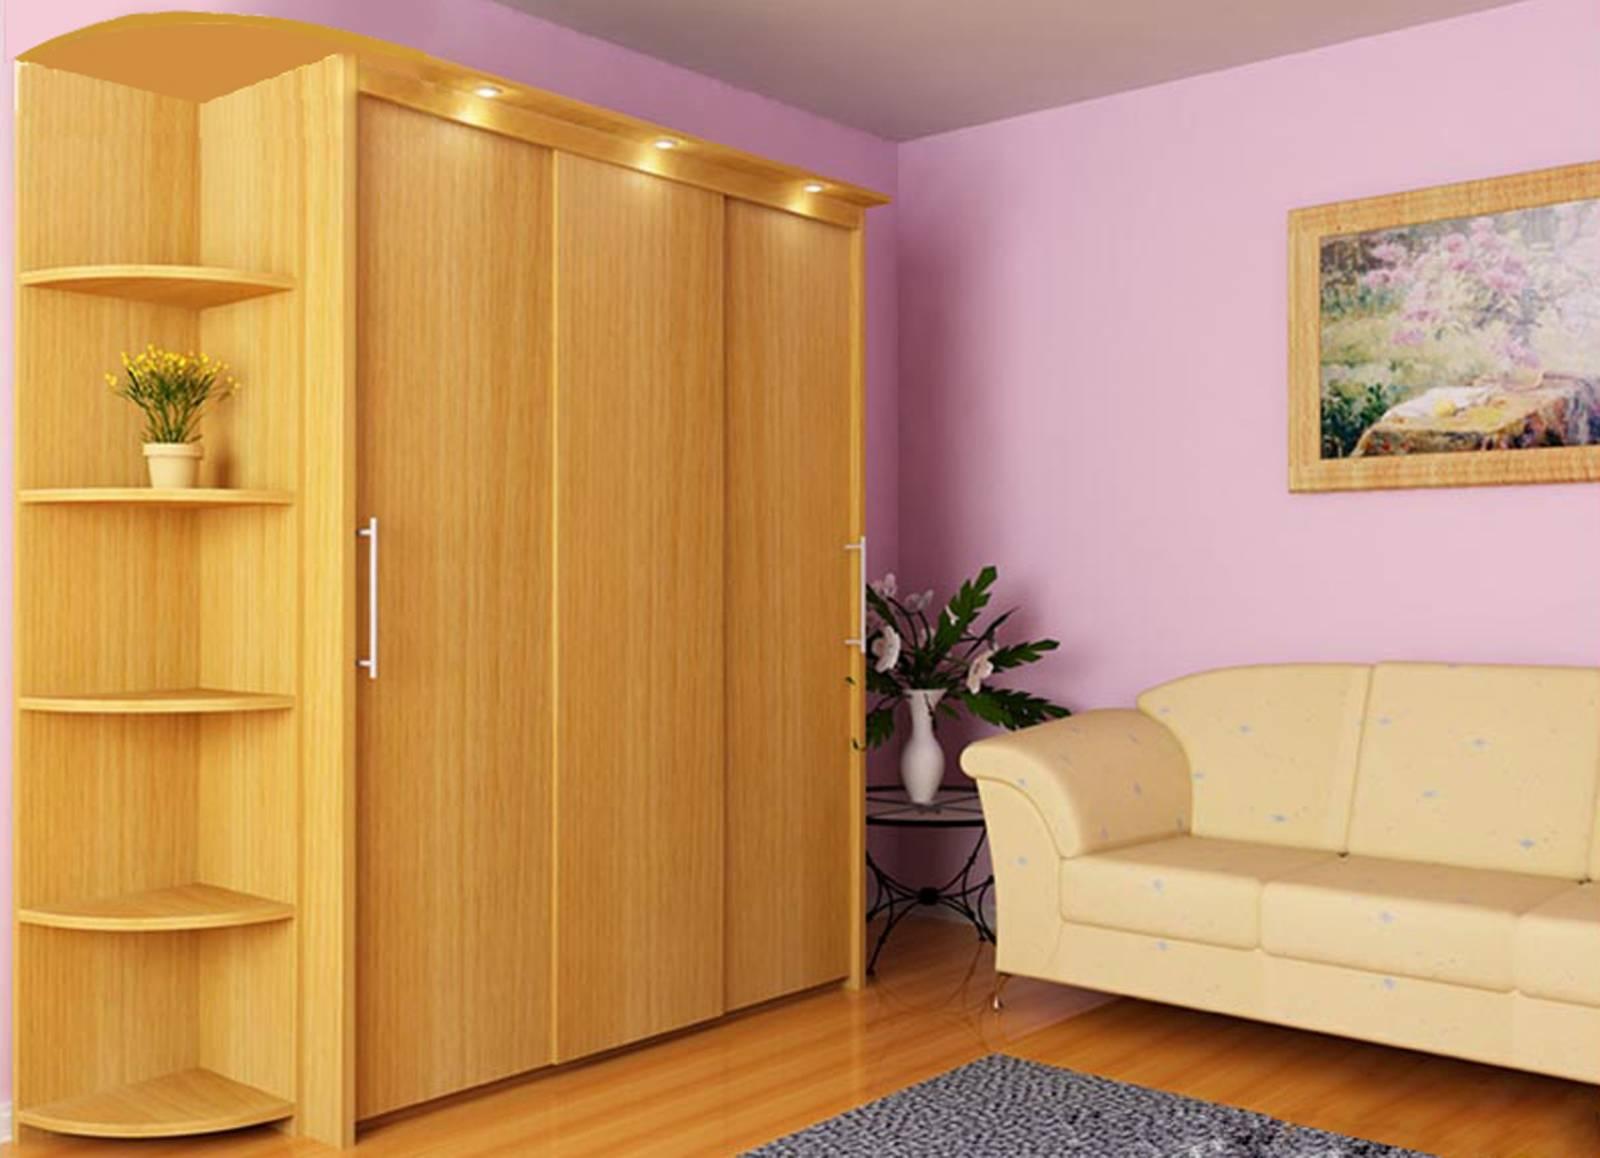 Шкафы купе с боковой консолью балтийский шкаф: купить шкафы .